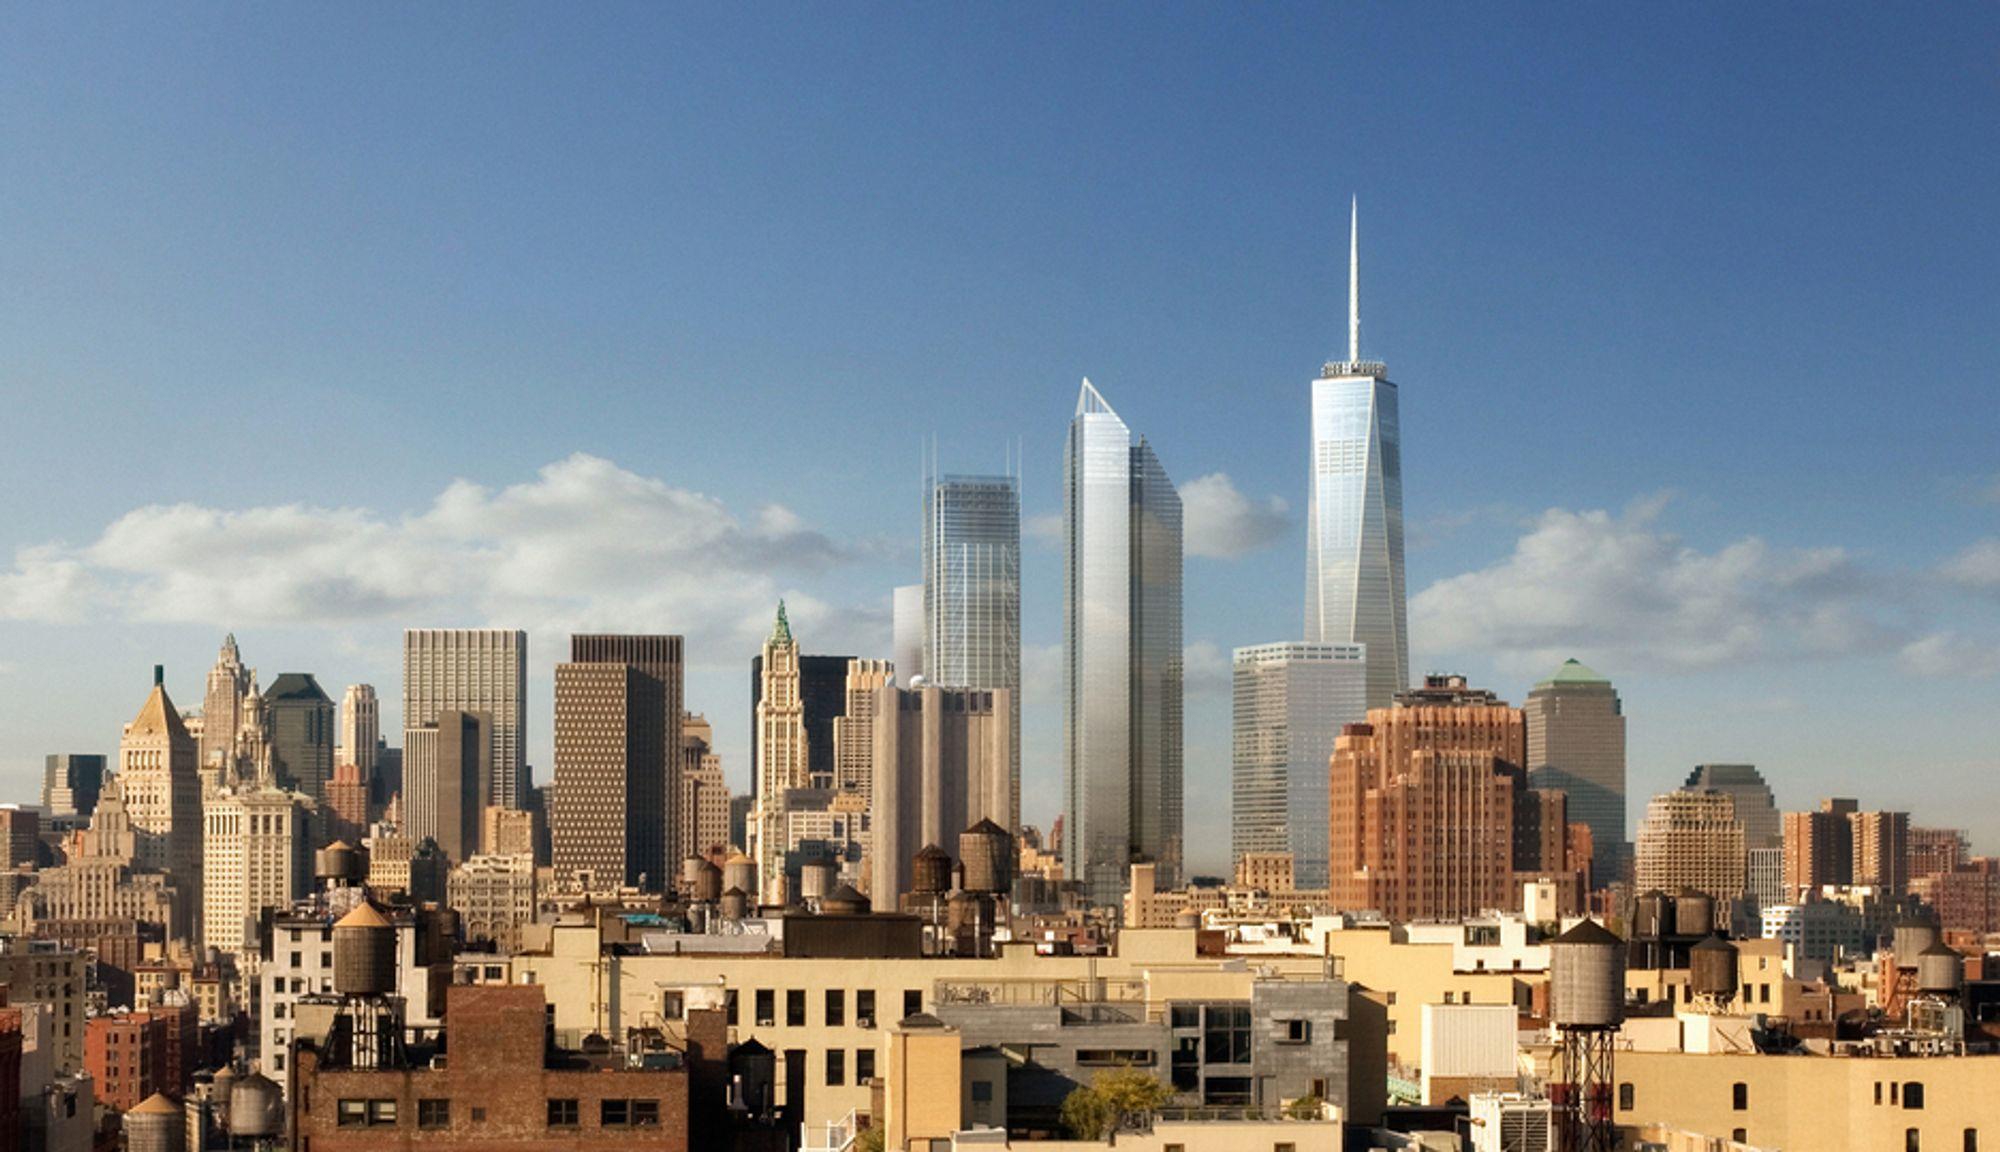 FREMTIDSVISJON: Omtrent slik vil nedre Manhattans skyline se ut fra Brooklyn i 2014. Hvis man regner med spiret, blir One World Trade Center USAs høyeste skyskraper. På midten tar bygningen form av et oktogon.